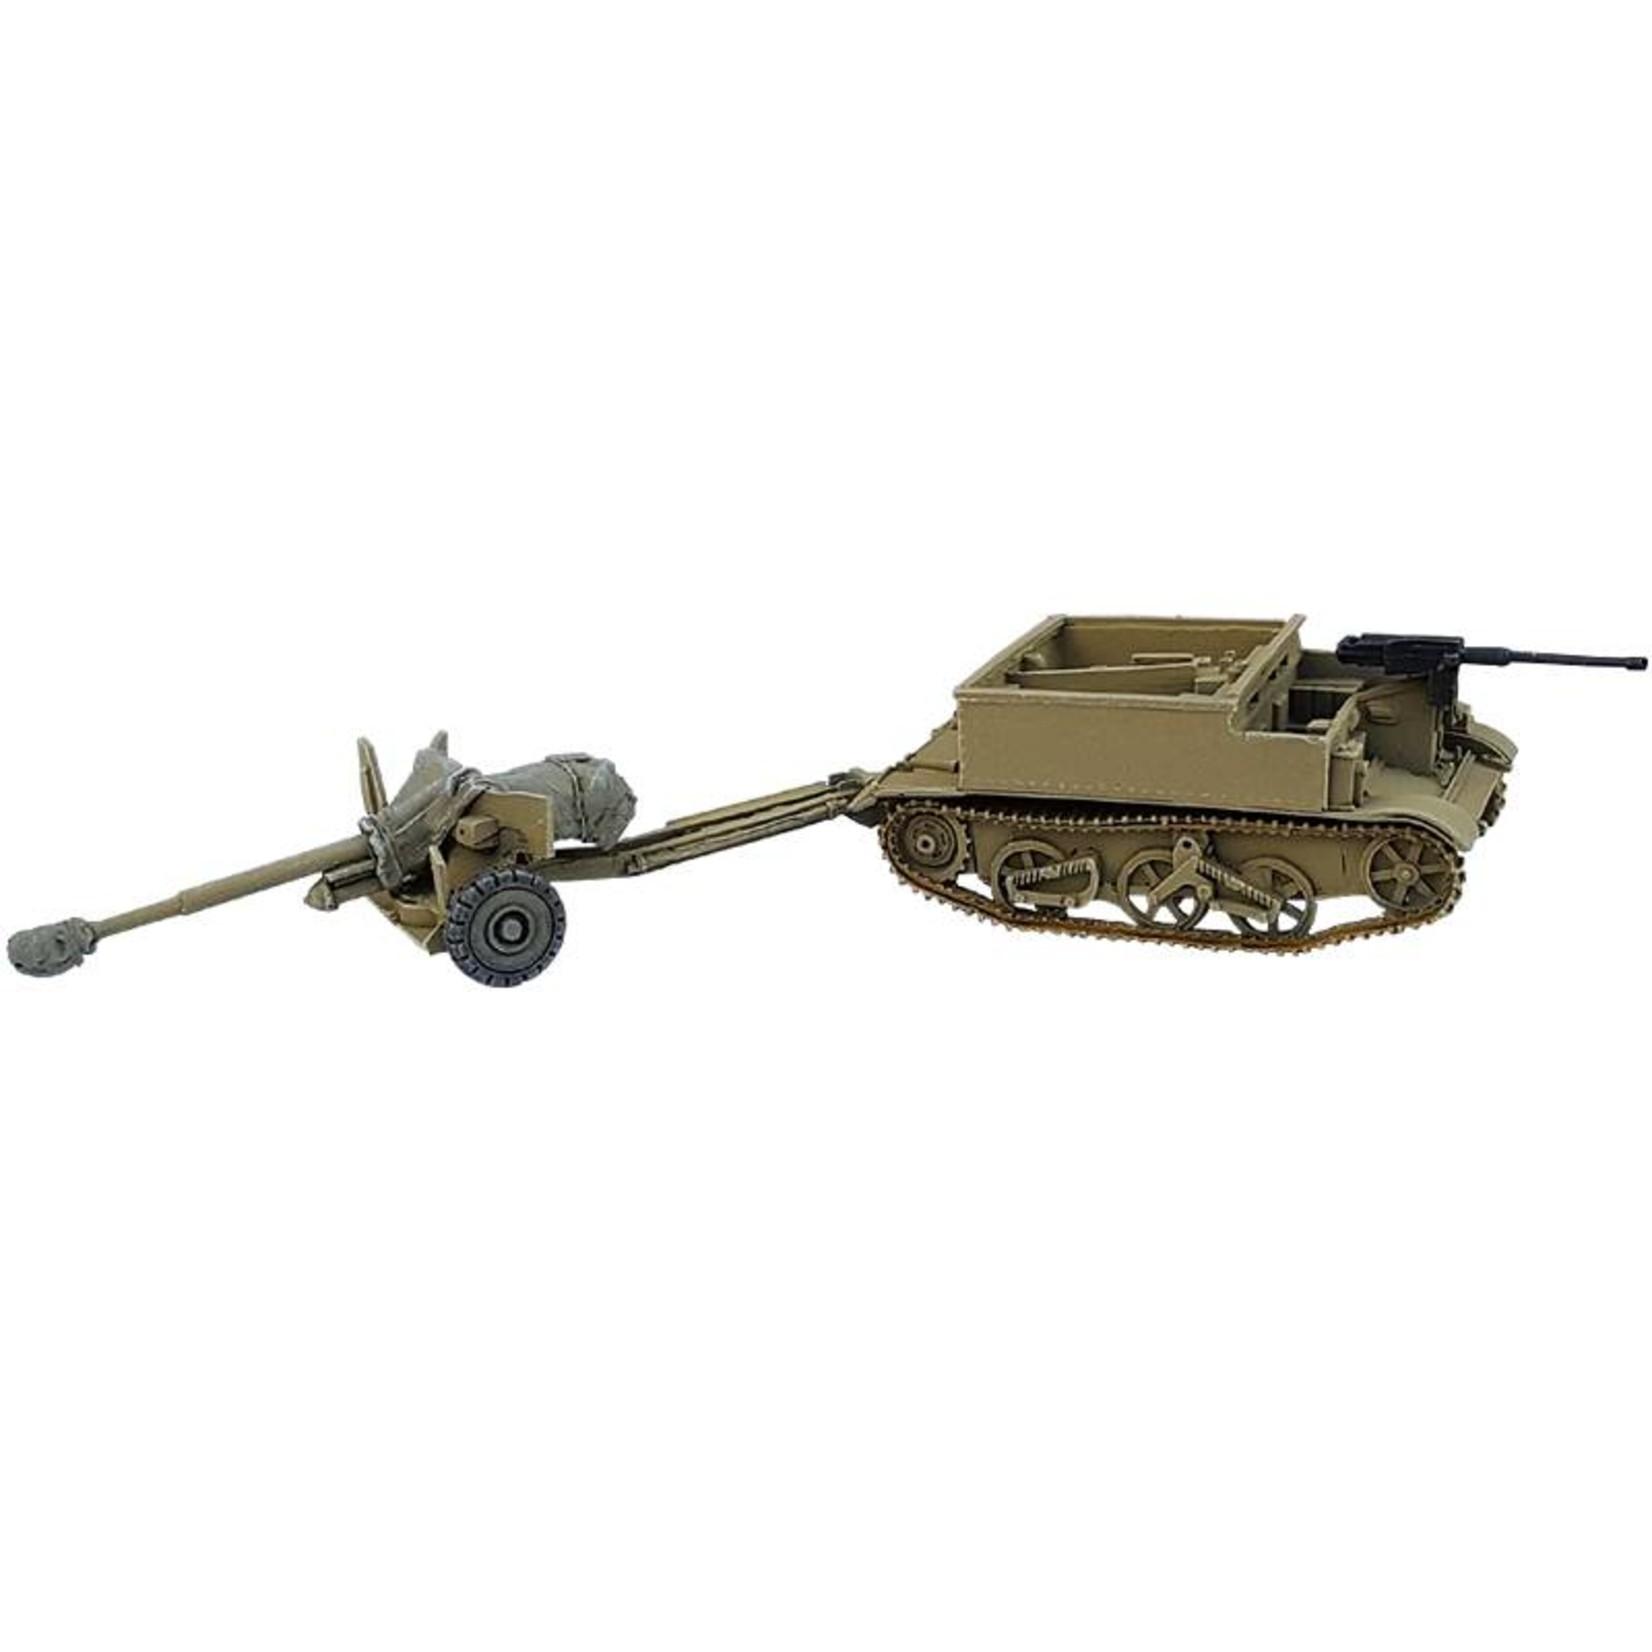 Bren Carrier 6 pdr Anti Tank Gun